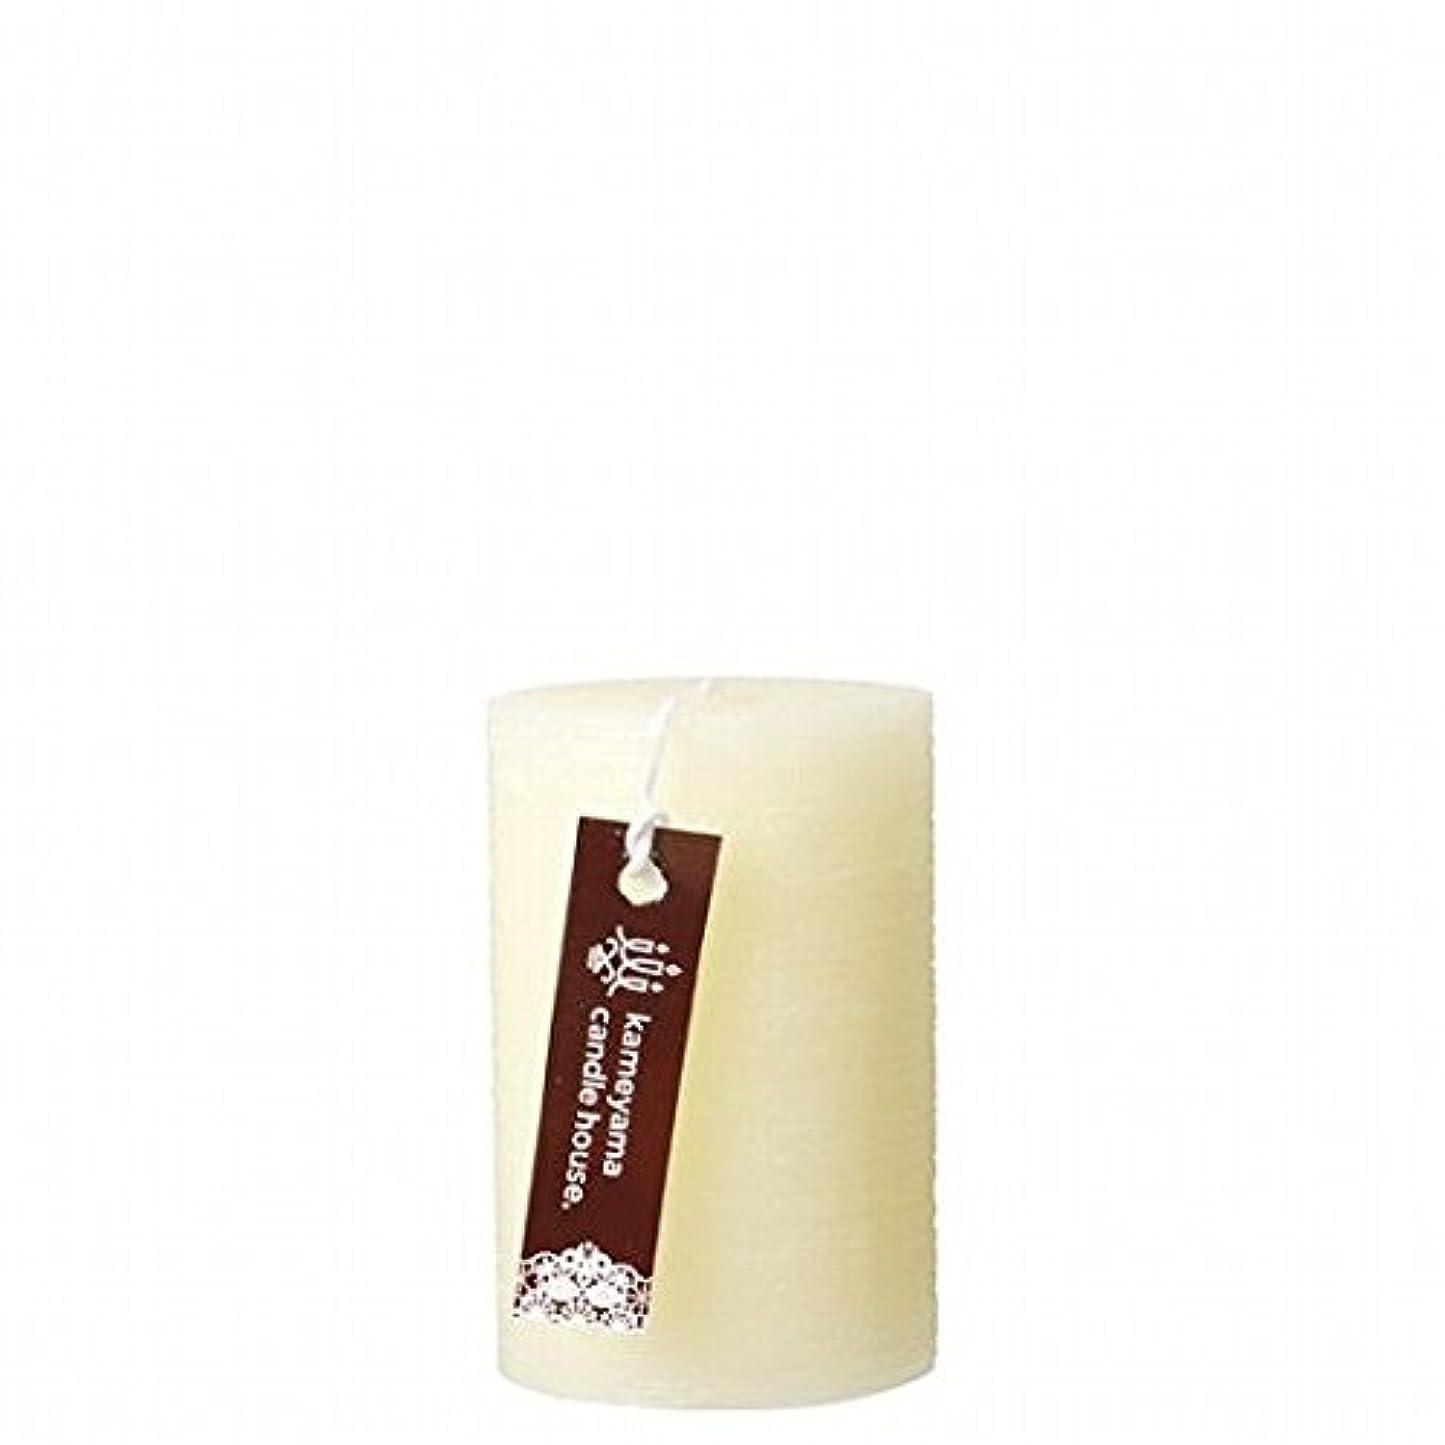 熟達した技術者ブランクkameyama candle(カメヤマキャンドル) ブラッシュピラー2×3 「 アイボリー 」(A8310000IV)